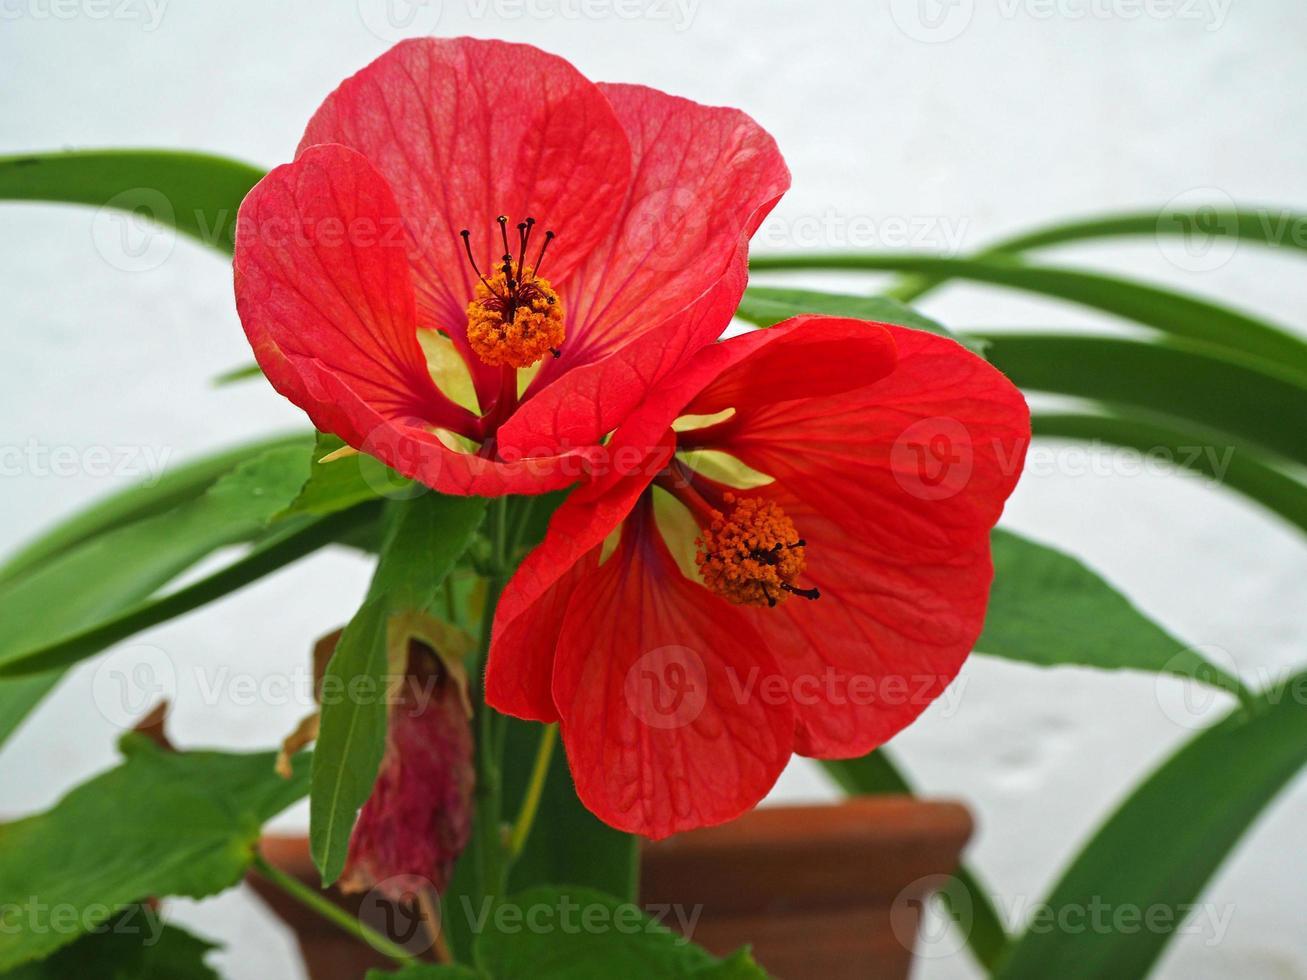 bellissimi fiori abutilon rosso brillante con uno sfondo bianco foto